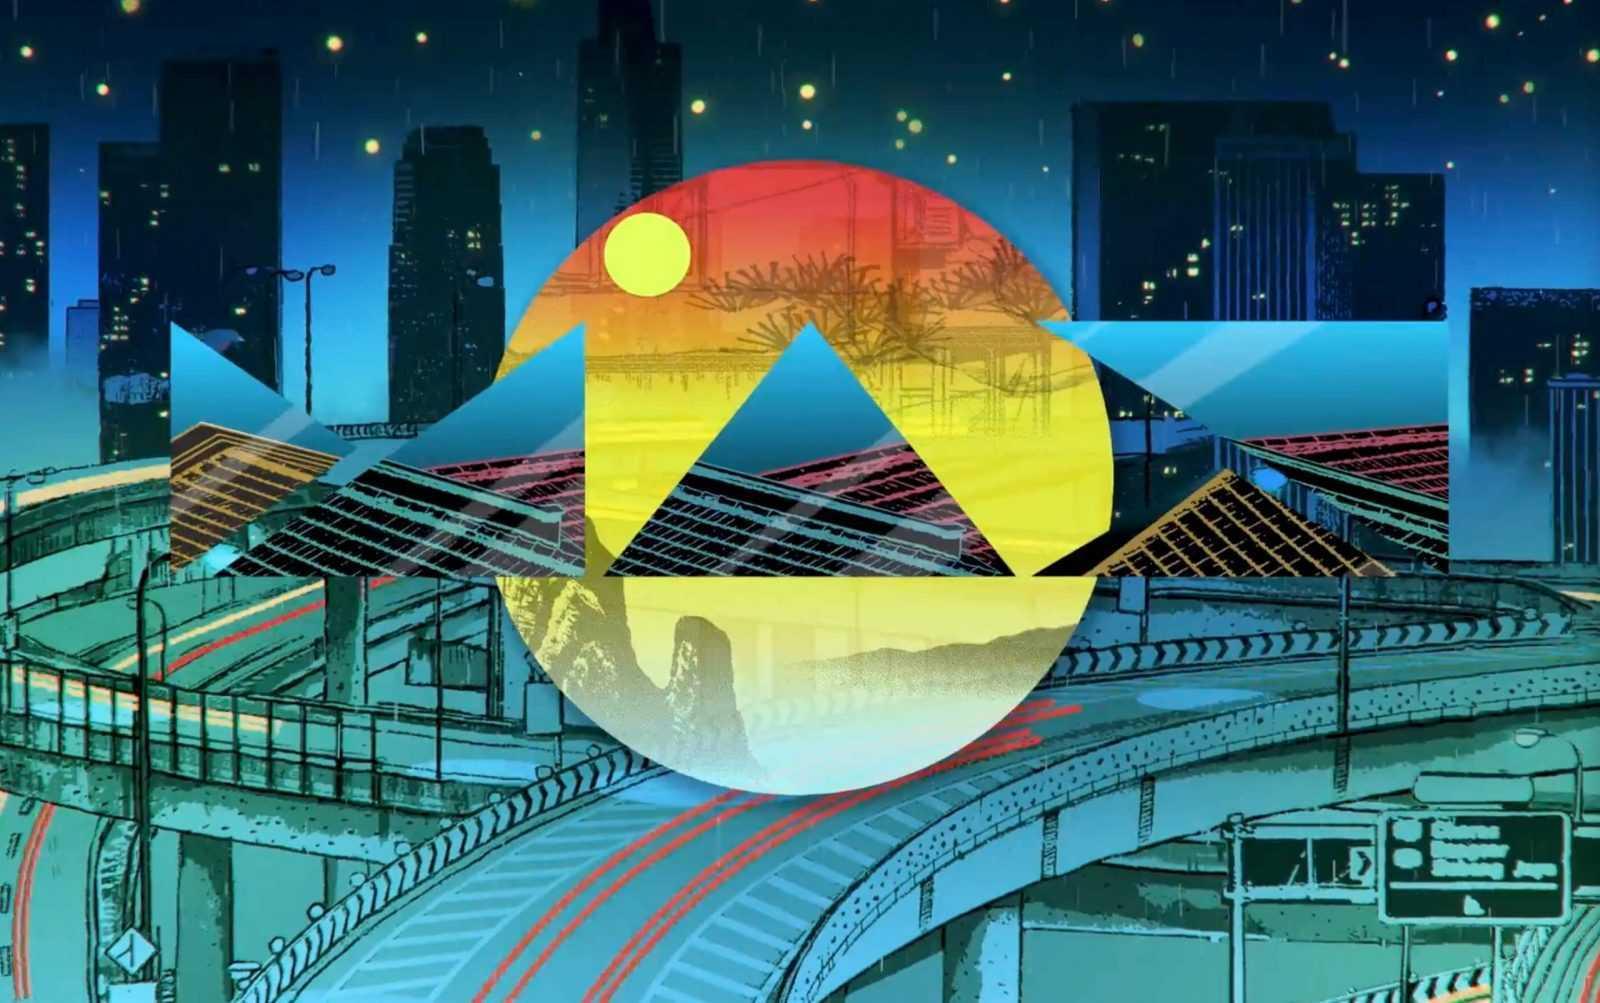 Sākta Adobe MAX 2020 konferences reģistrācija